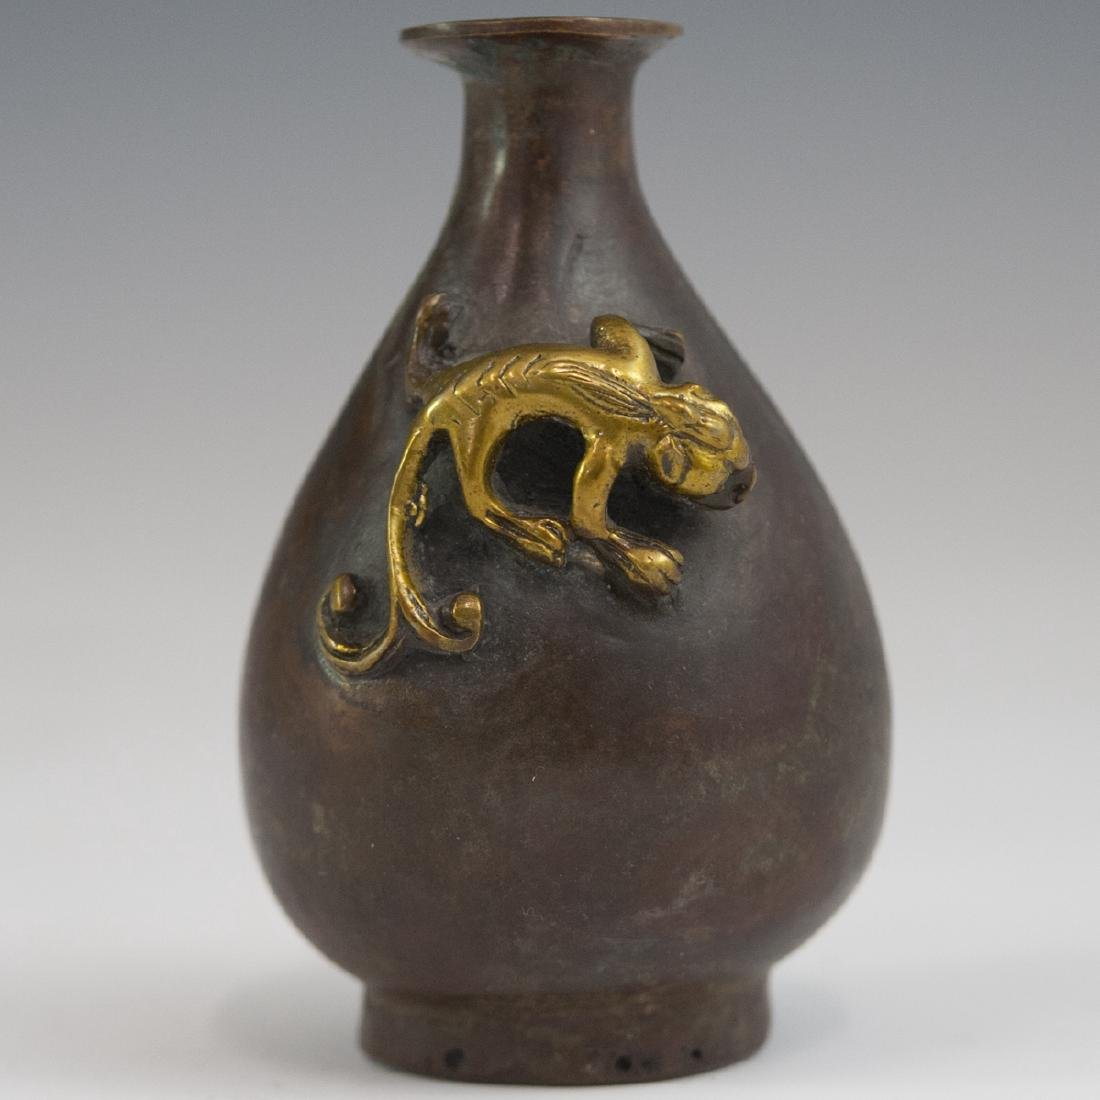 Chinese Diminutive Bronze Yuhuchunping Vase - 4